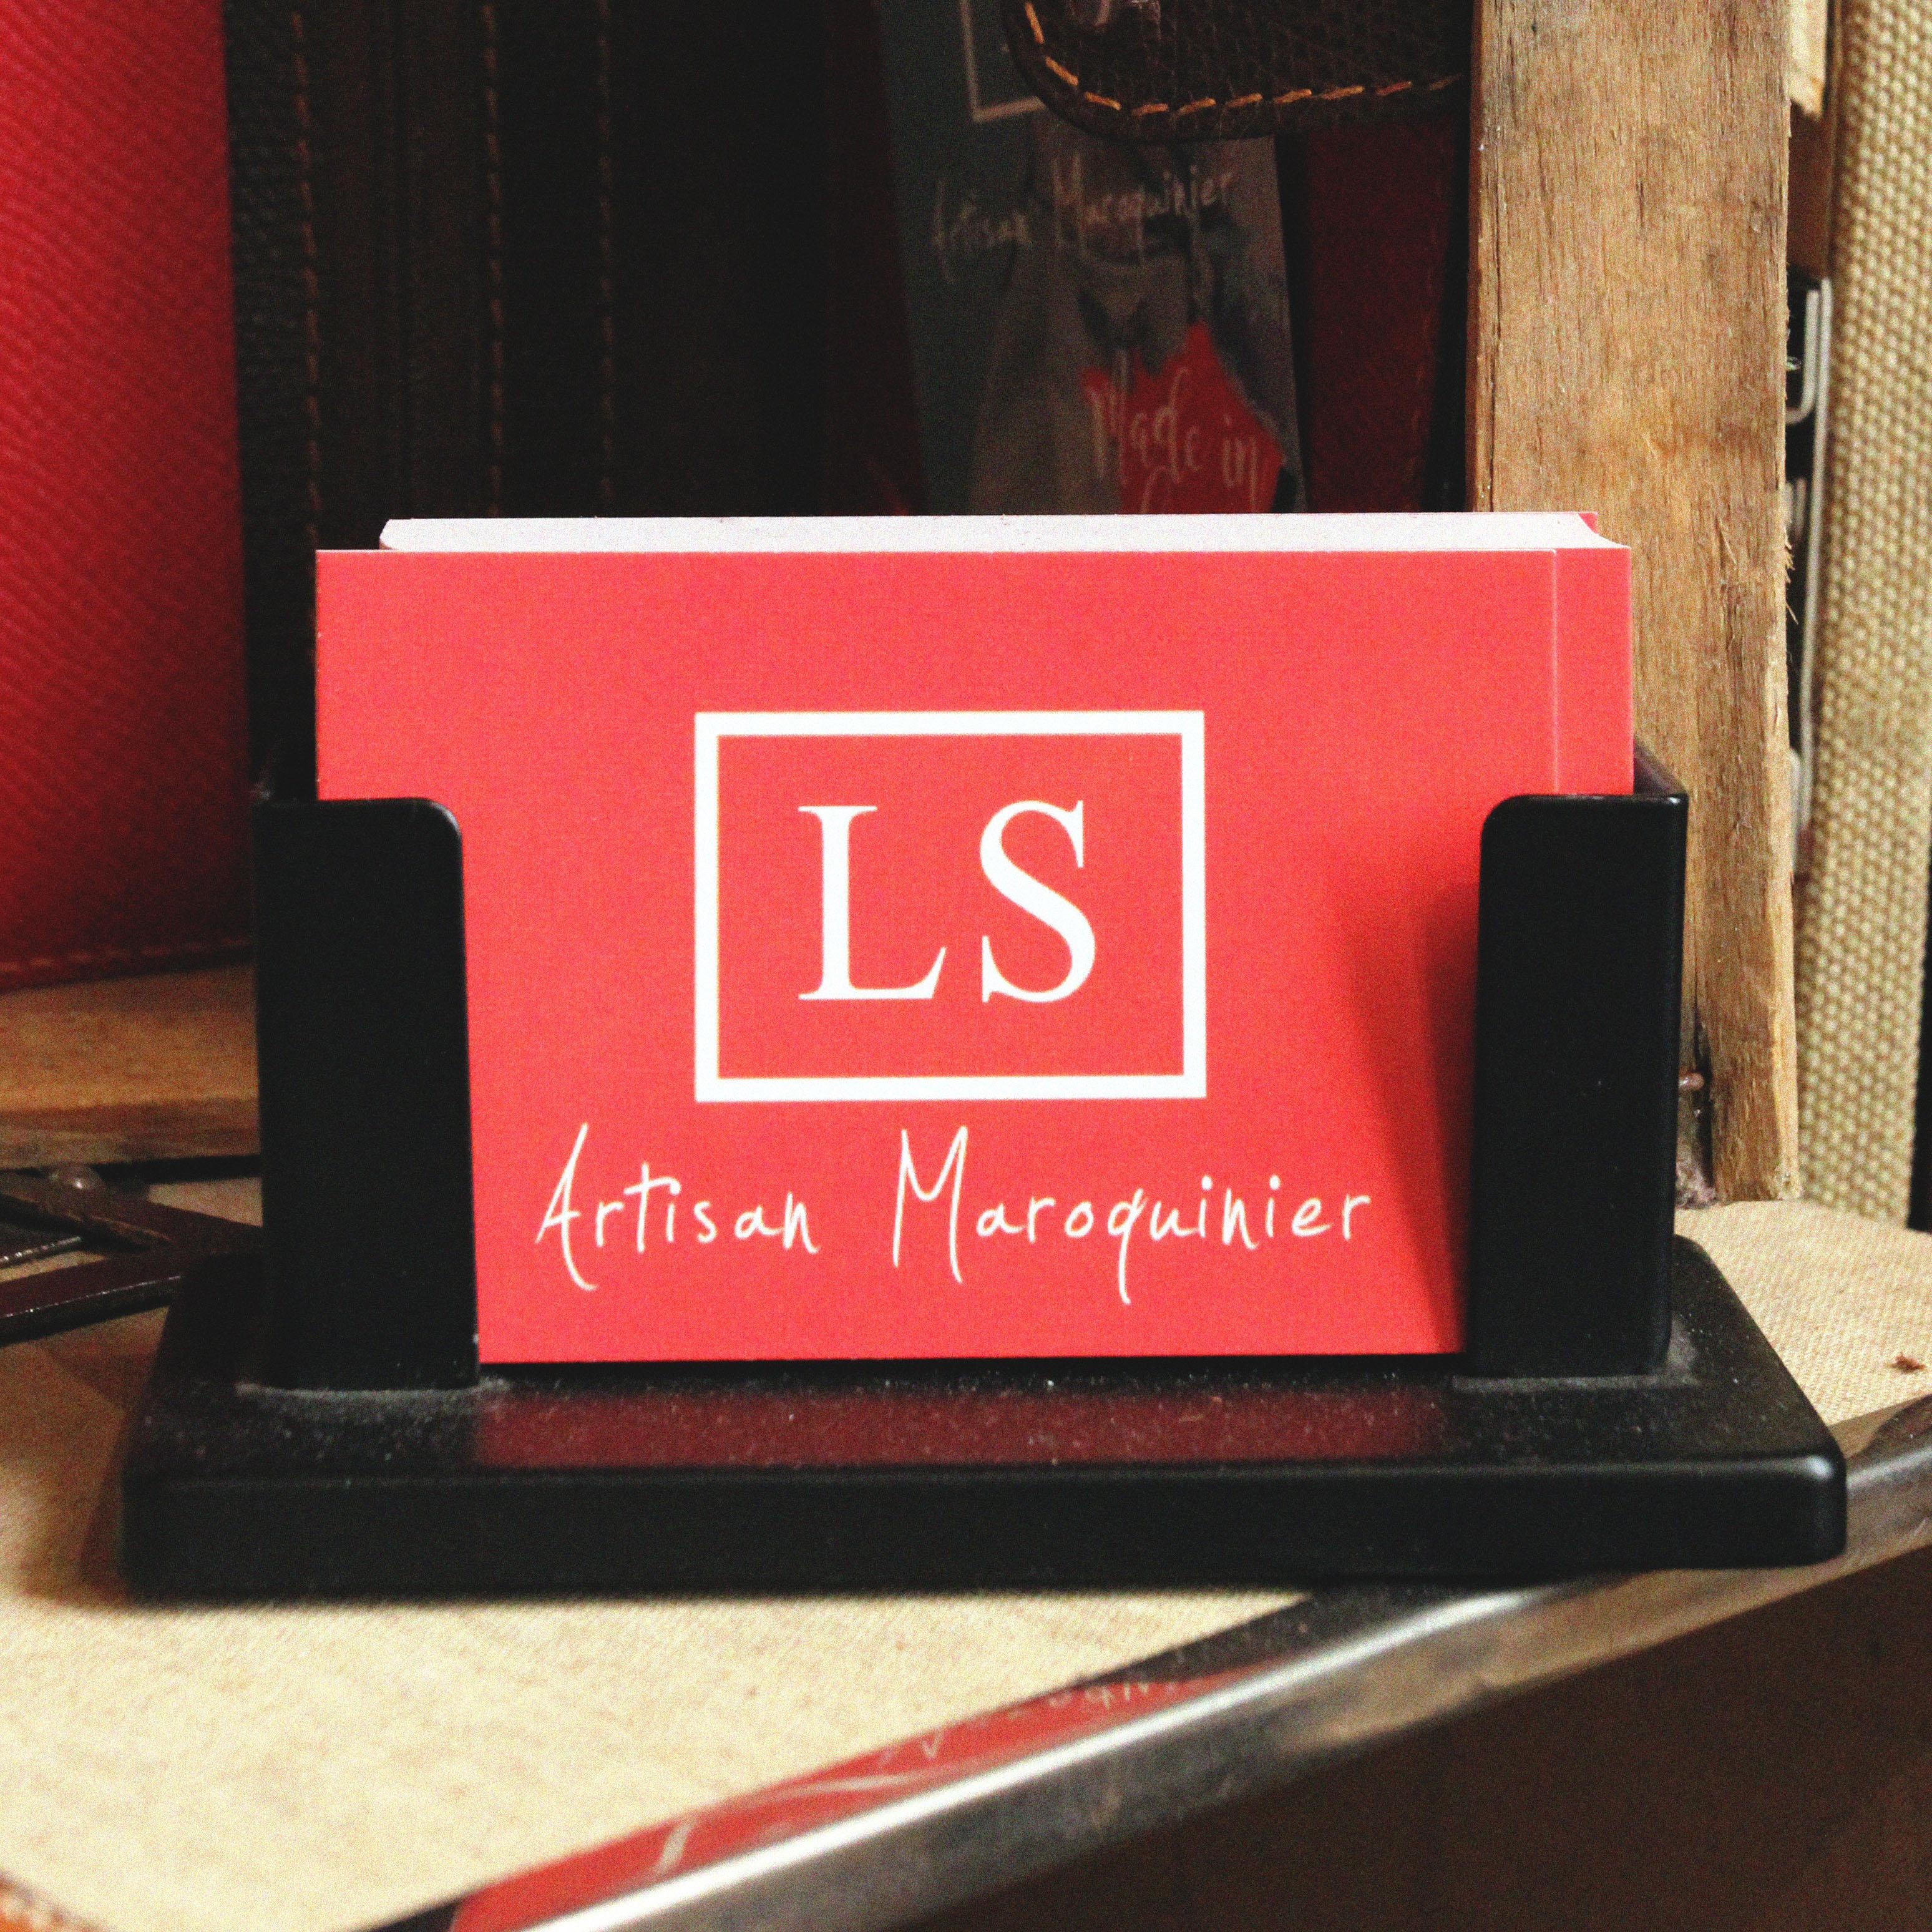 Lady-Biche-LS-Maroquinerie-3